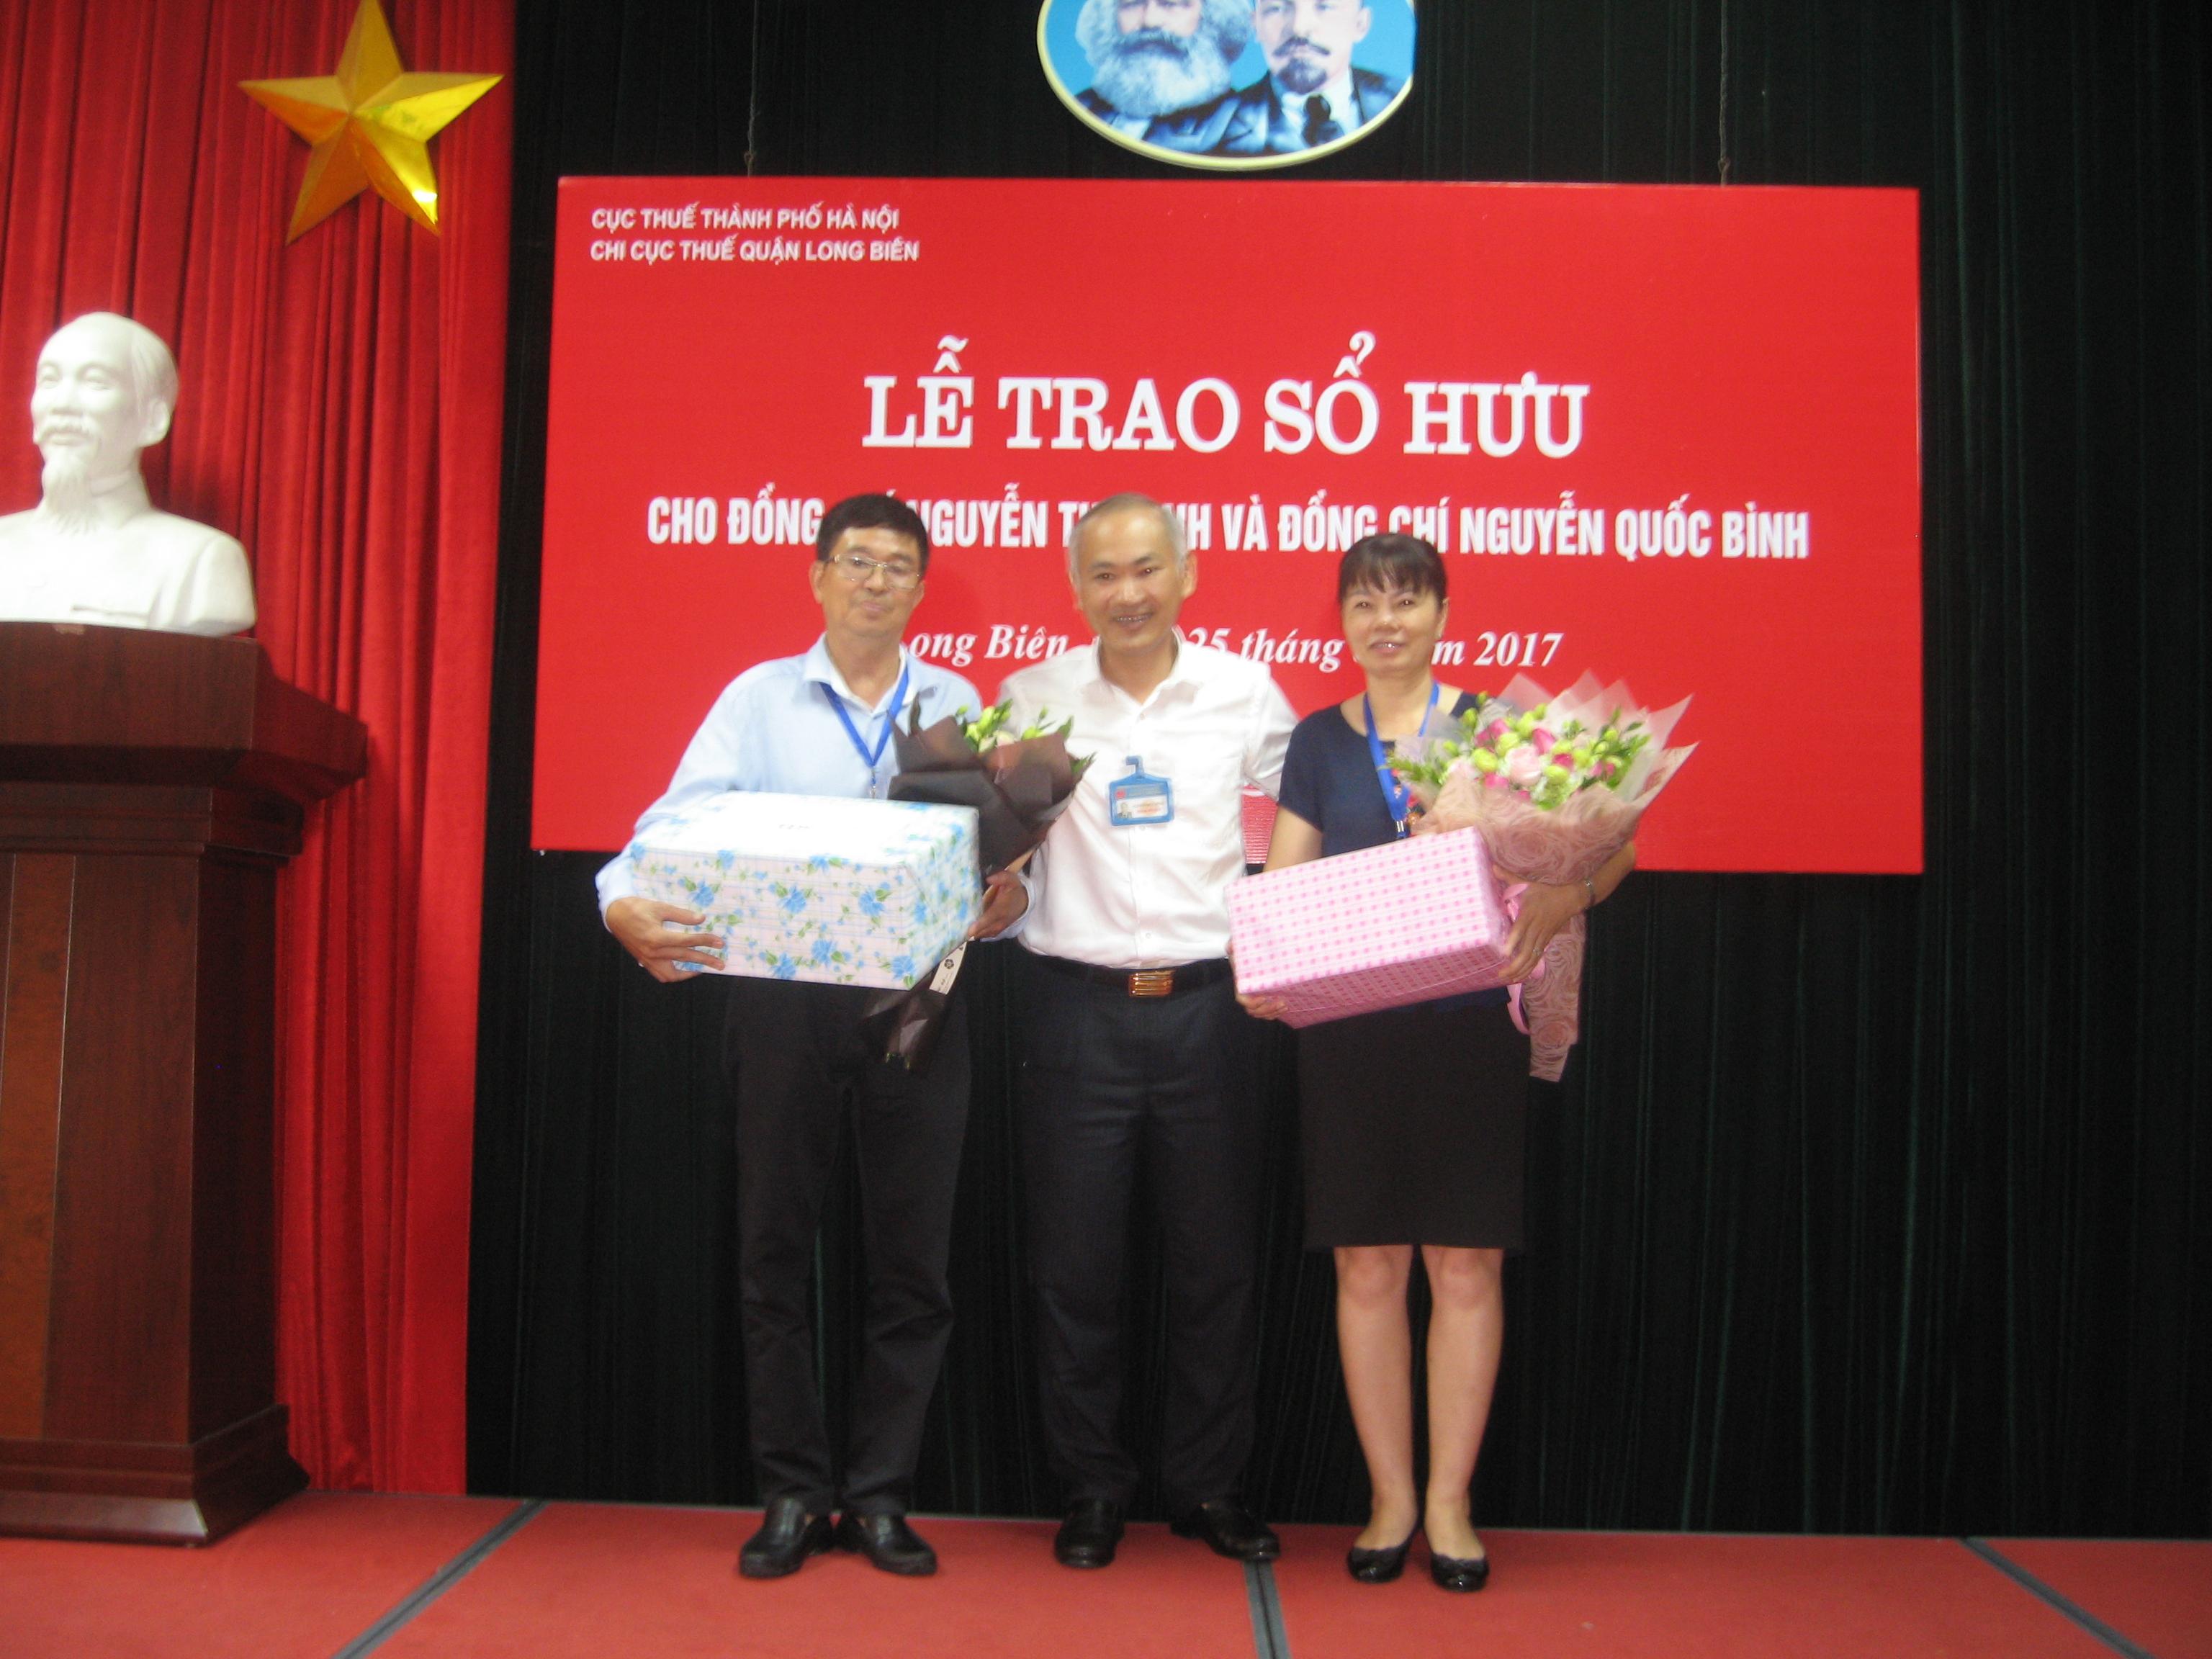 đc CCT lên trao sổ hưu cho đc Nguyễn Thị Dinh và đc Nguyễn Quốc Bình.JPG